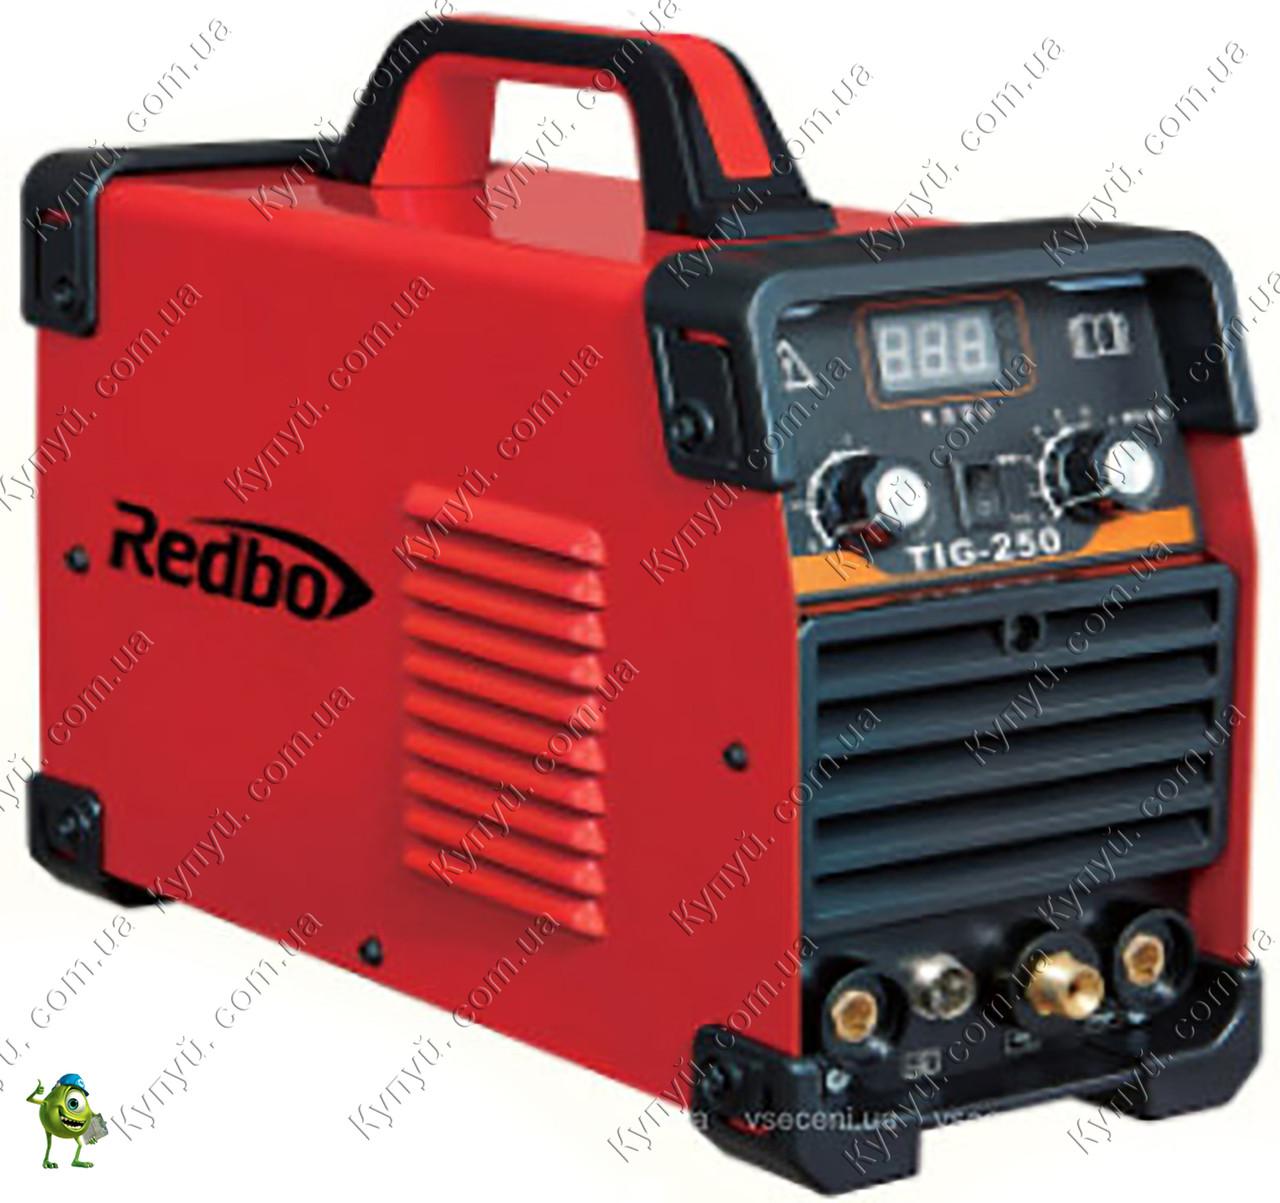 Аргонно-дуговой сварочный аппарат Redbo ExpertTig 250